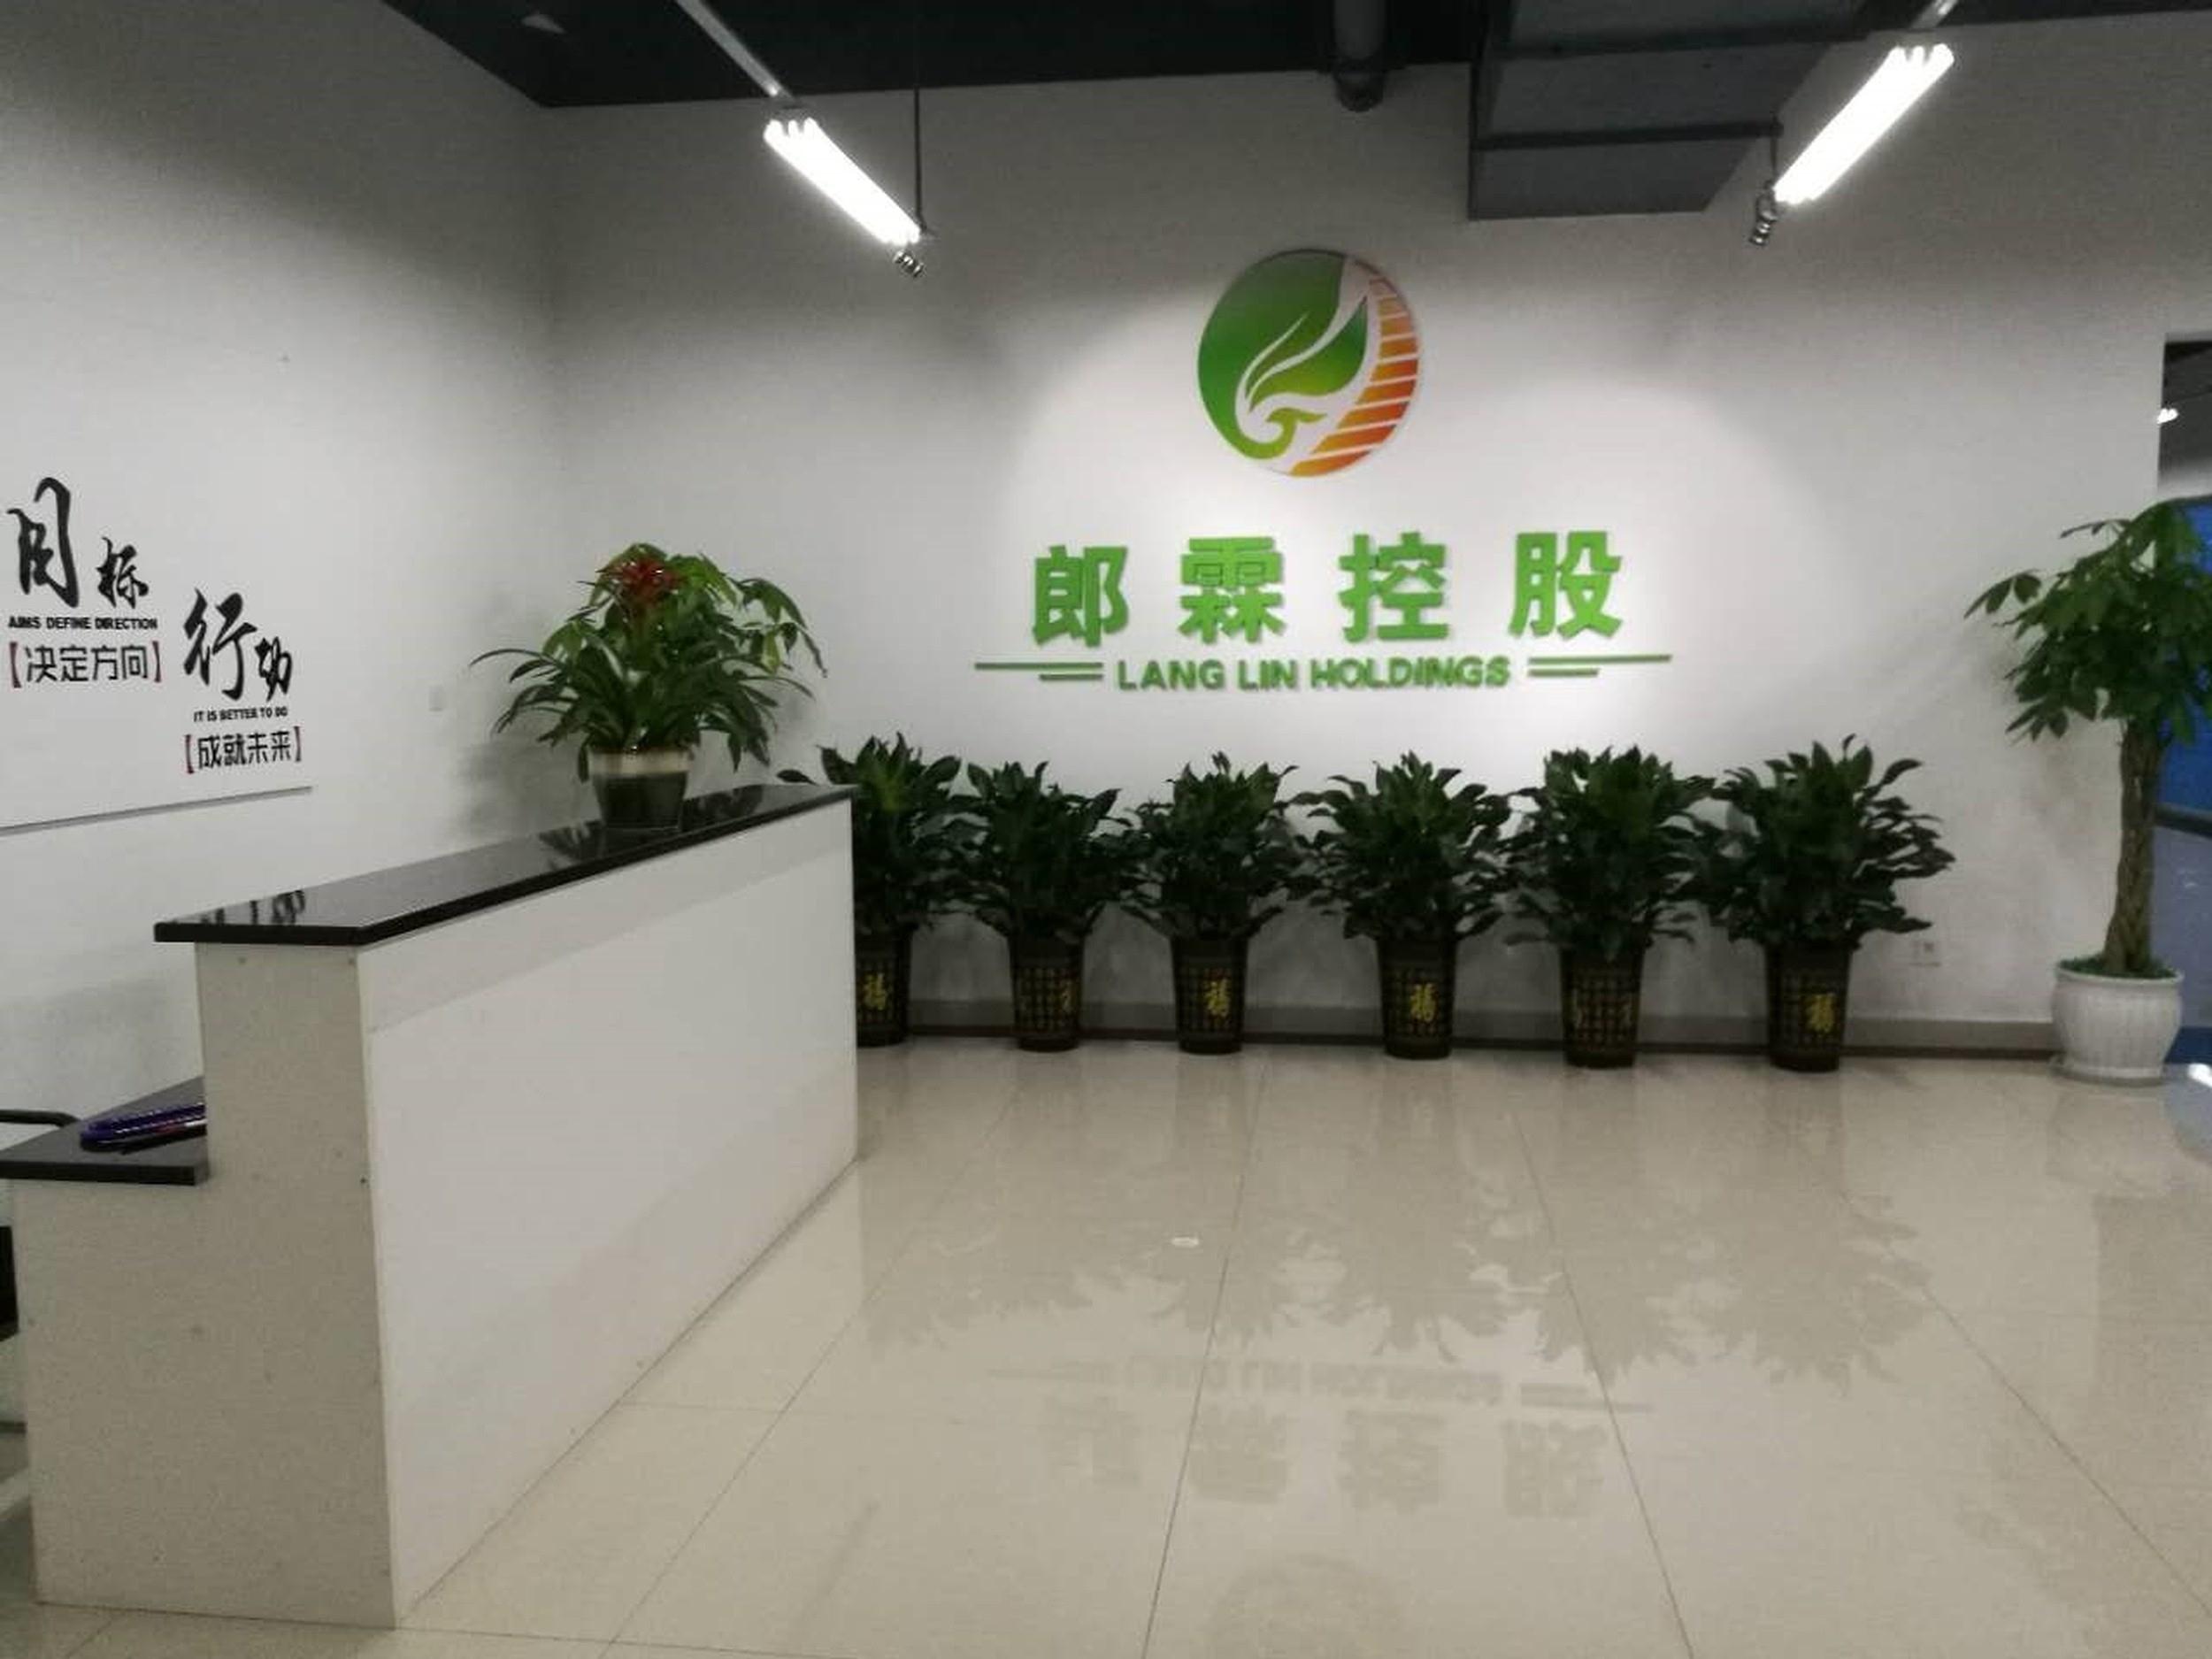 四川郎霖农业科技有限公司3